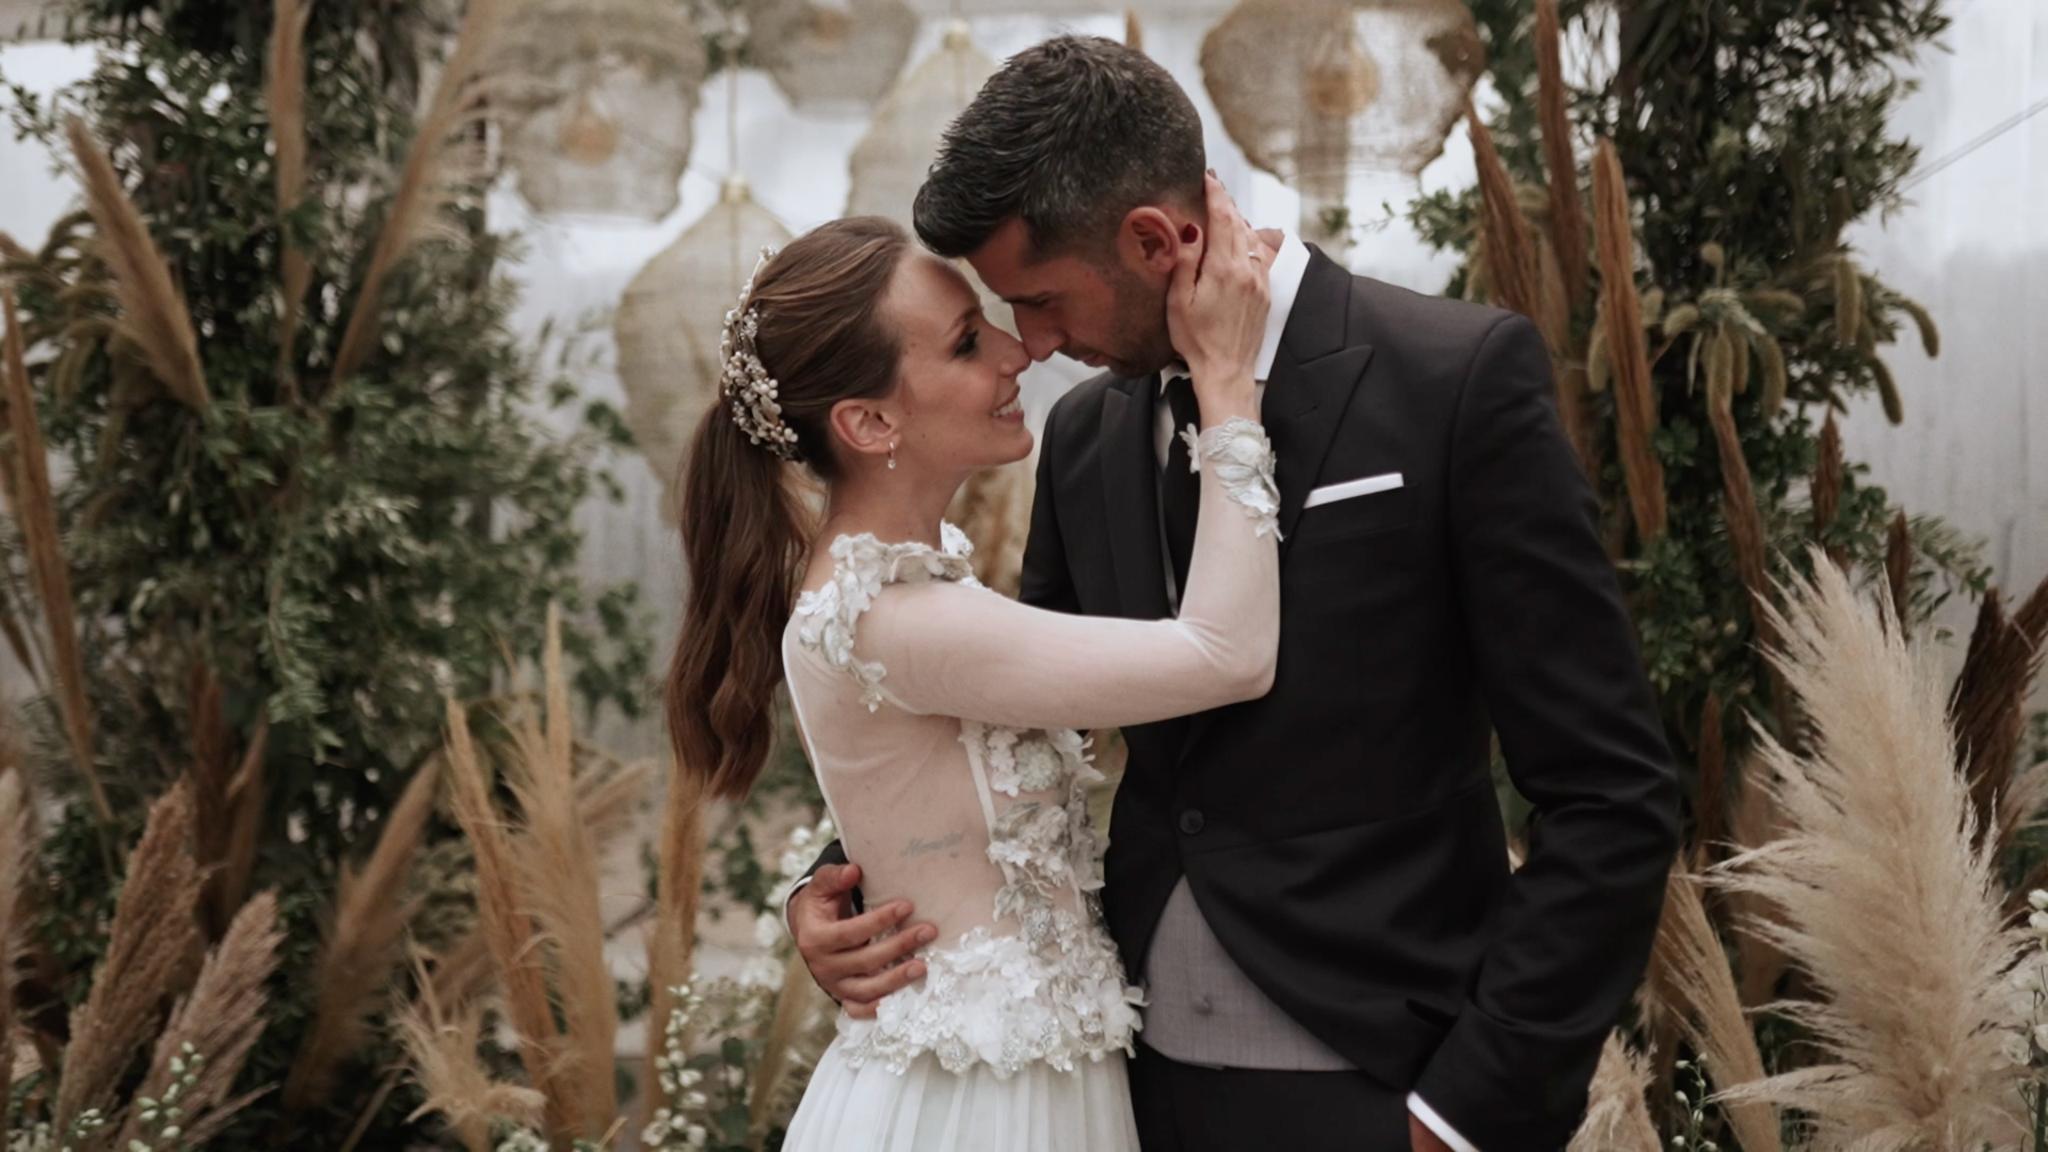 Dani and Fátima's Wedding in Alicante, Spain